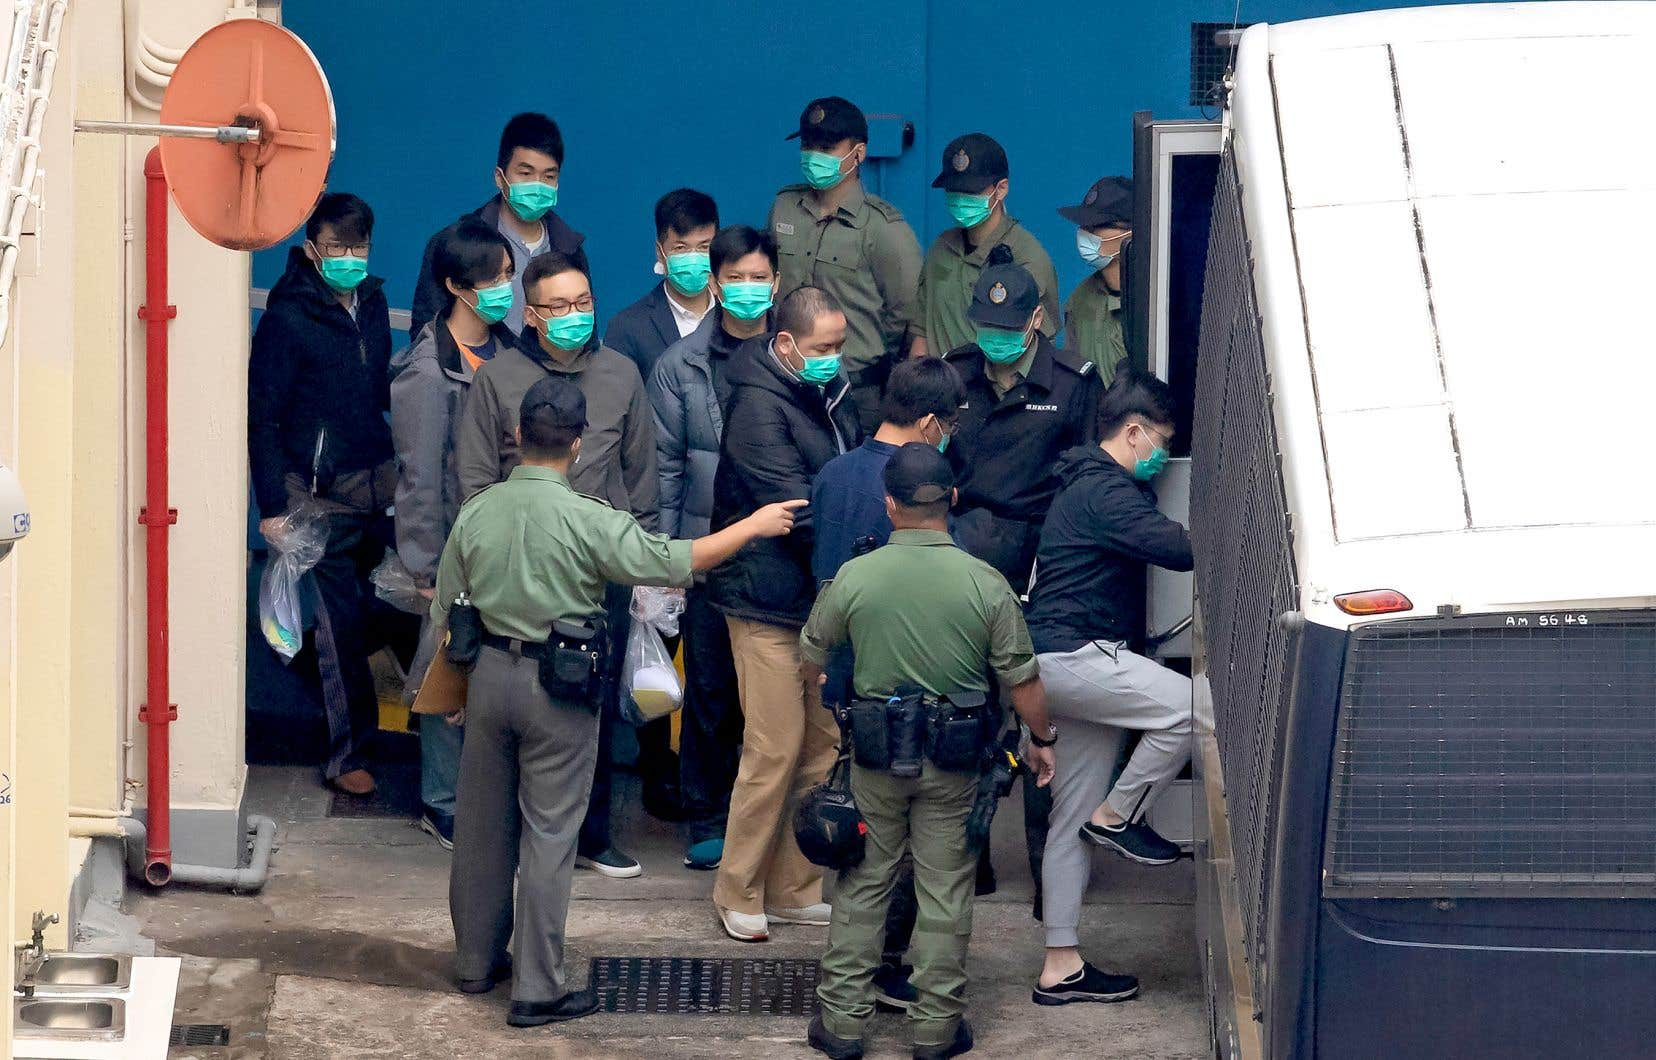 Les 47 personnes envoyées jeudi derrière les barreaux représentent un large spectre de l'opposition hongkongaise. Sur la photo, certains d'entre eux, lors de leur transfert en prison.